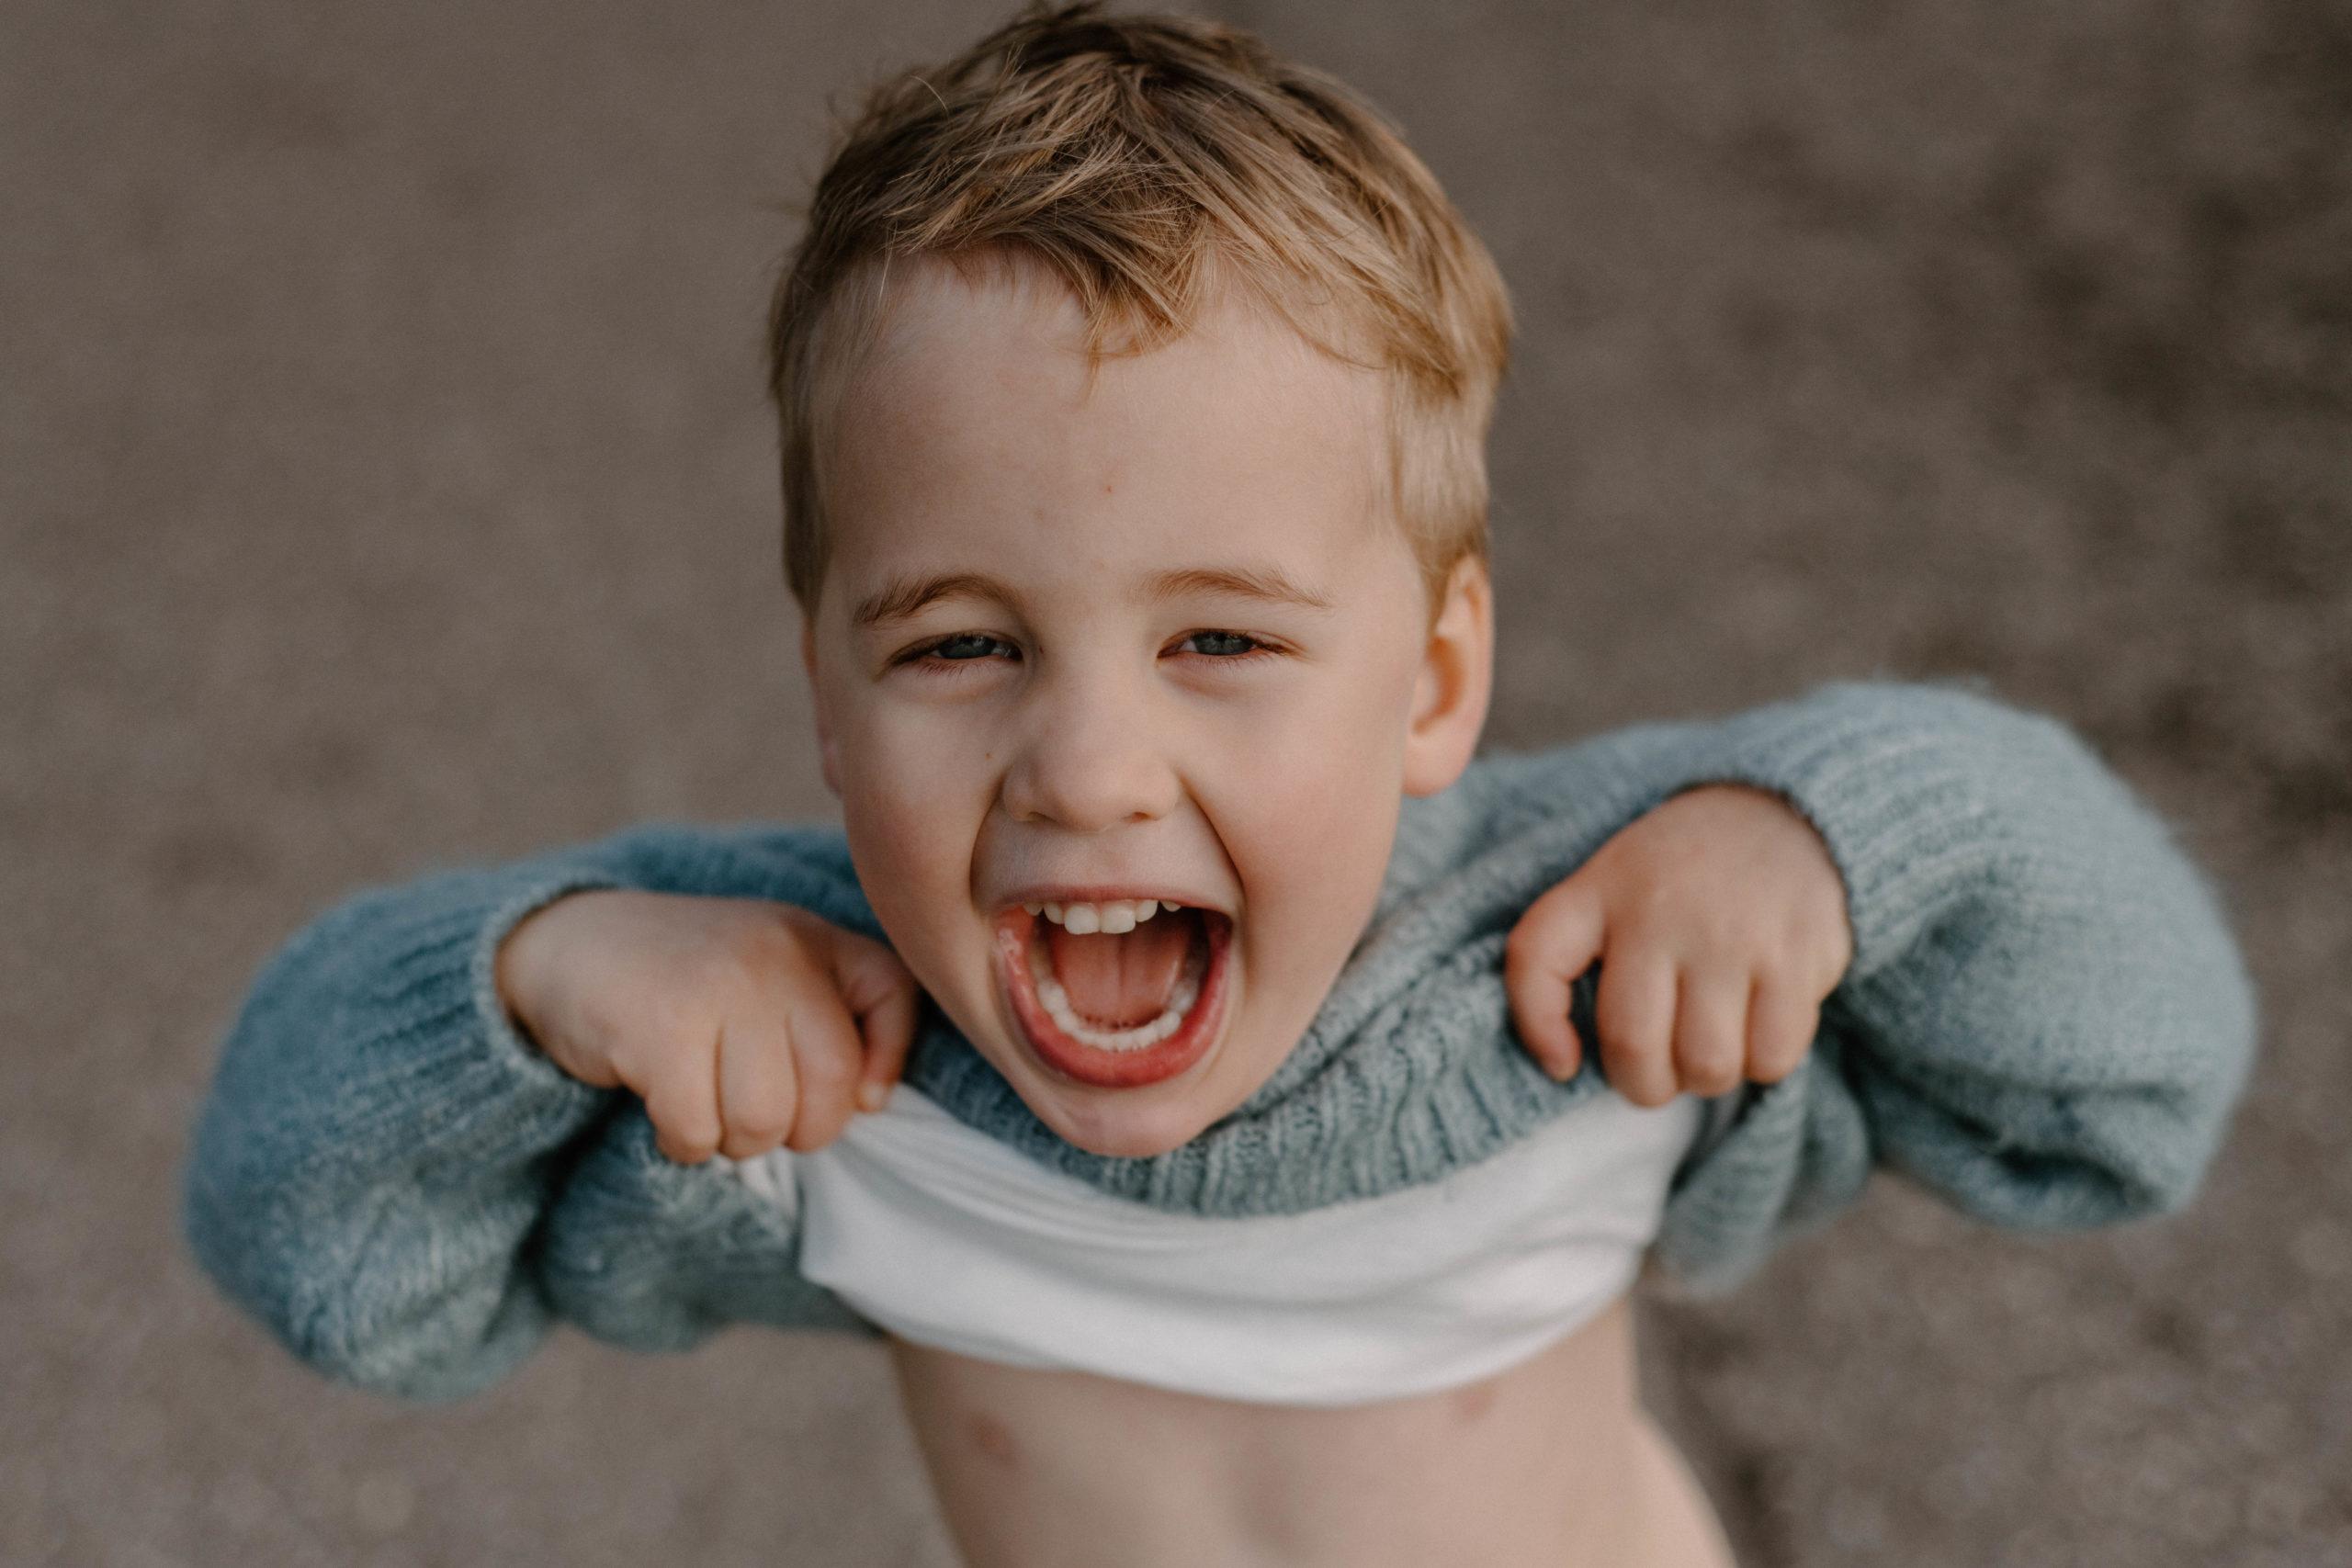 Silly Boy Playful Kid | Sam Gaetz Photography